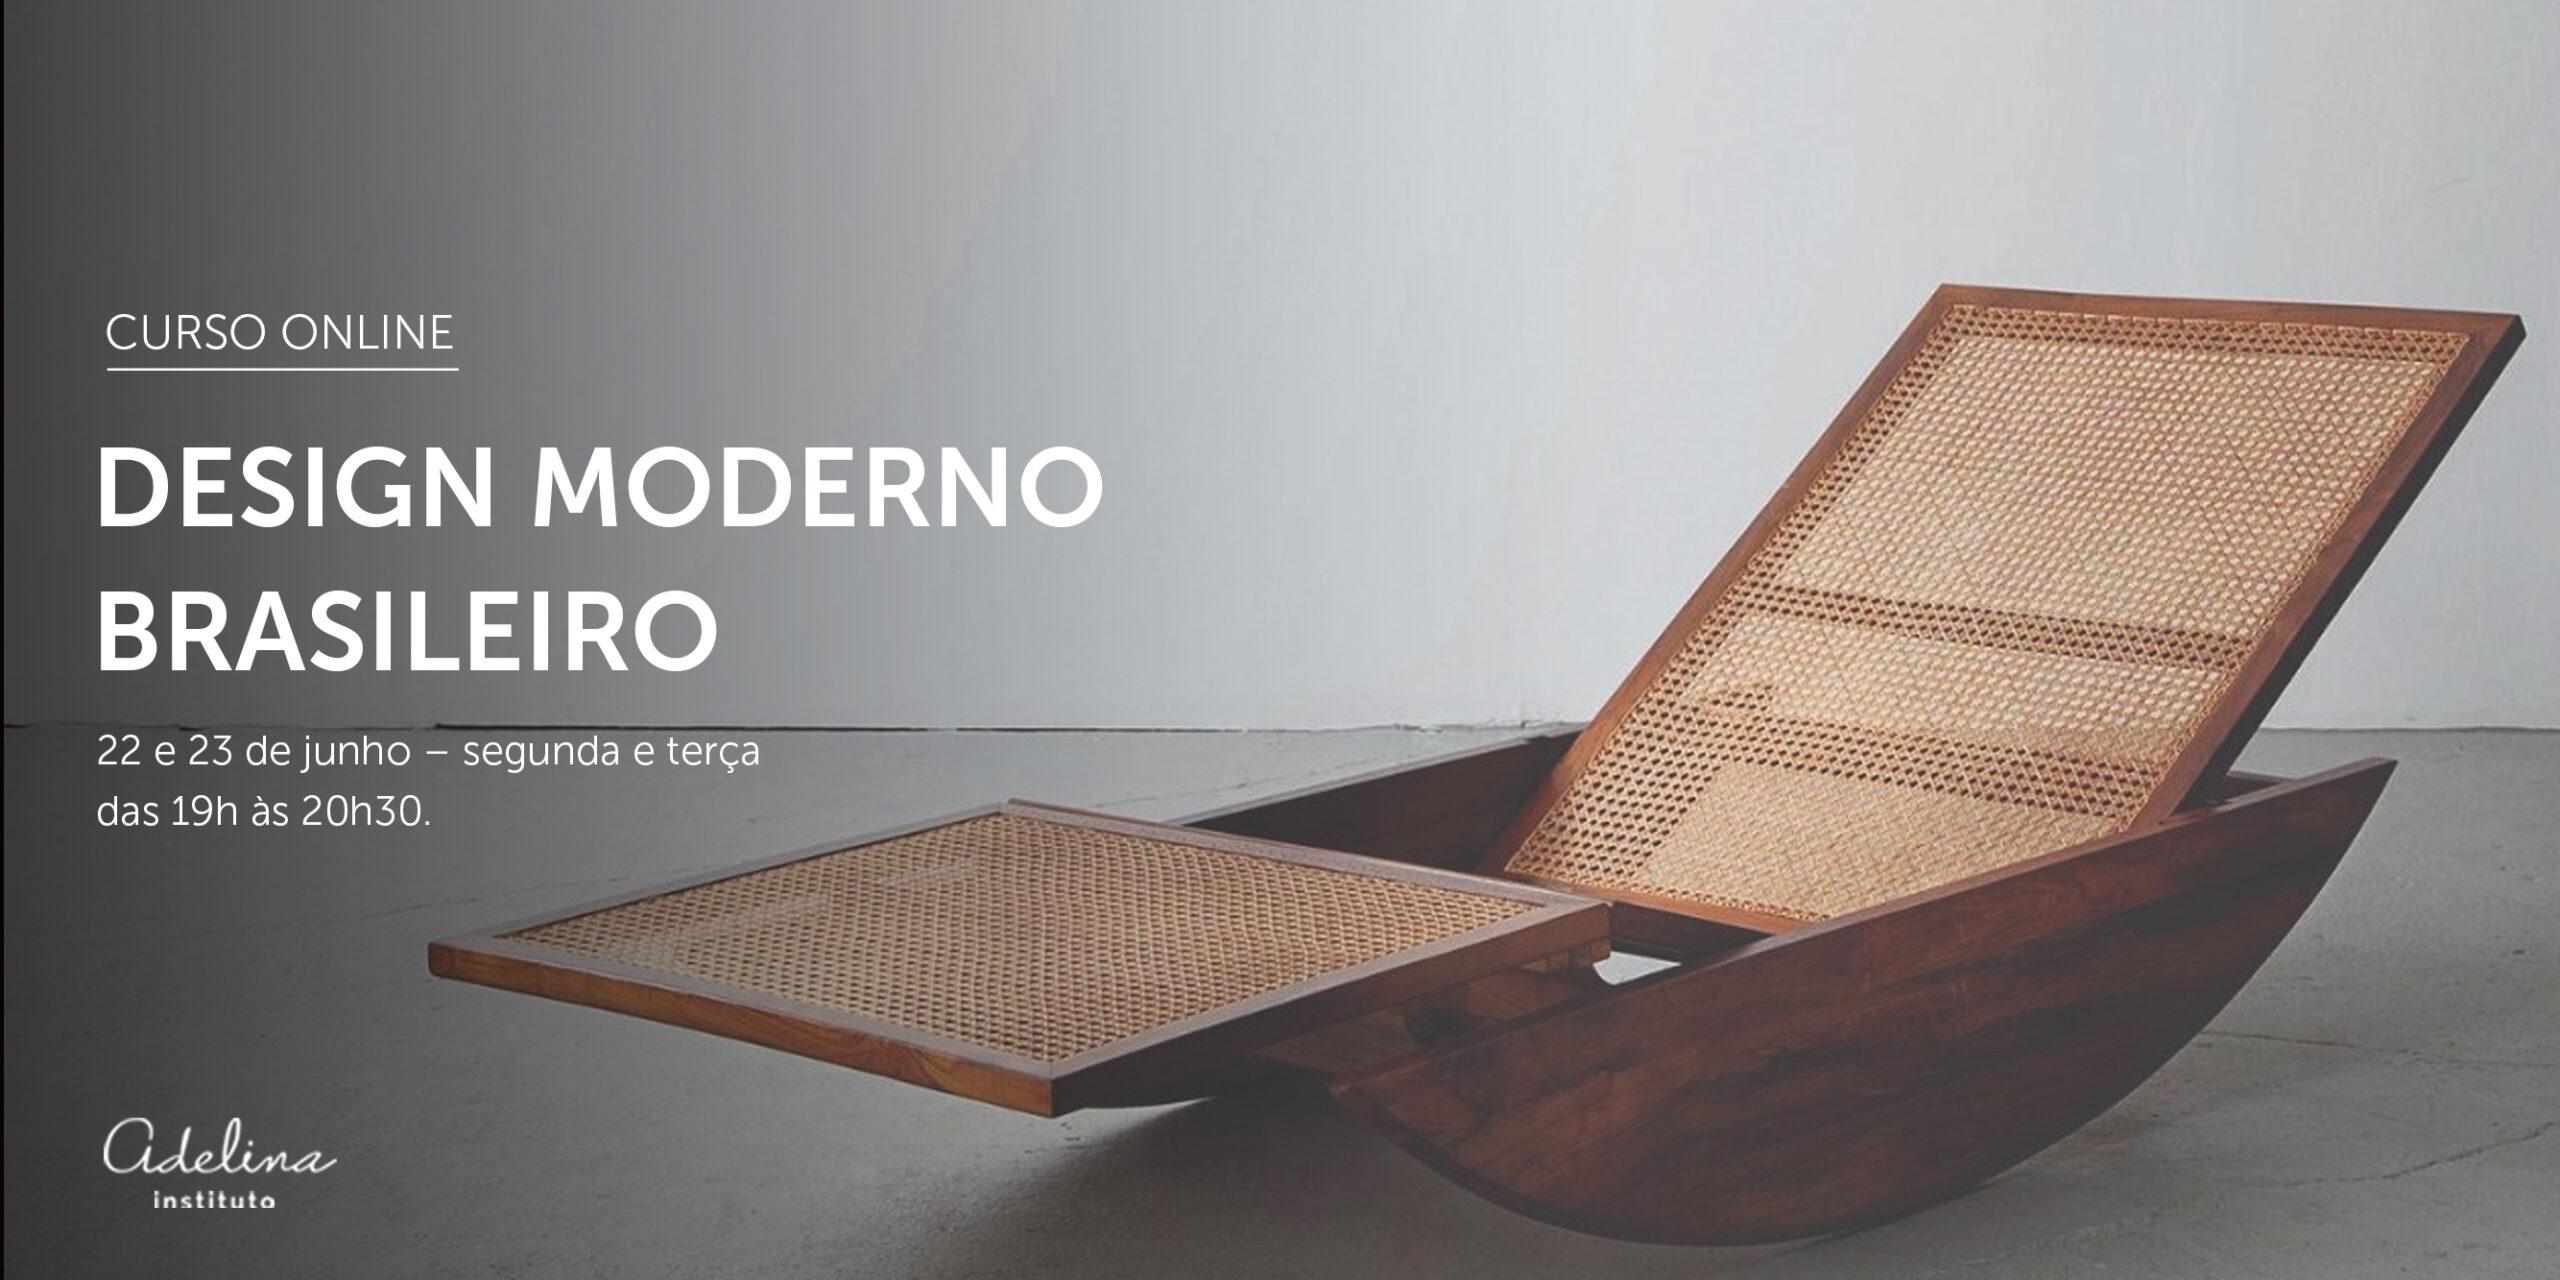 CURSO ONLINE | Design Moderno Brasileiro